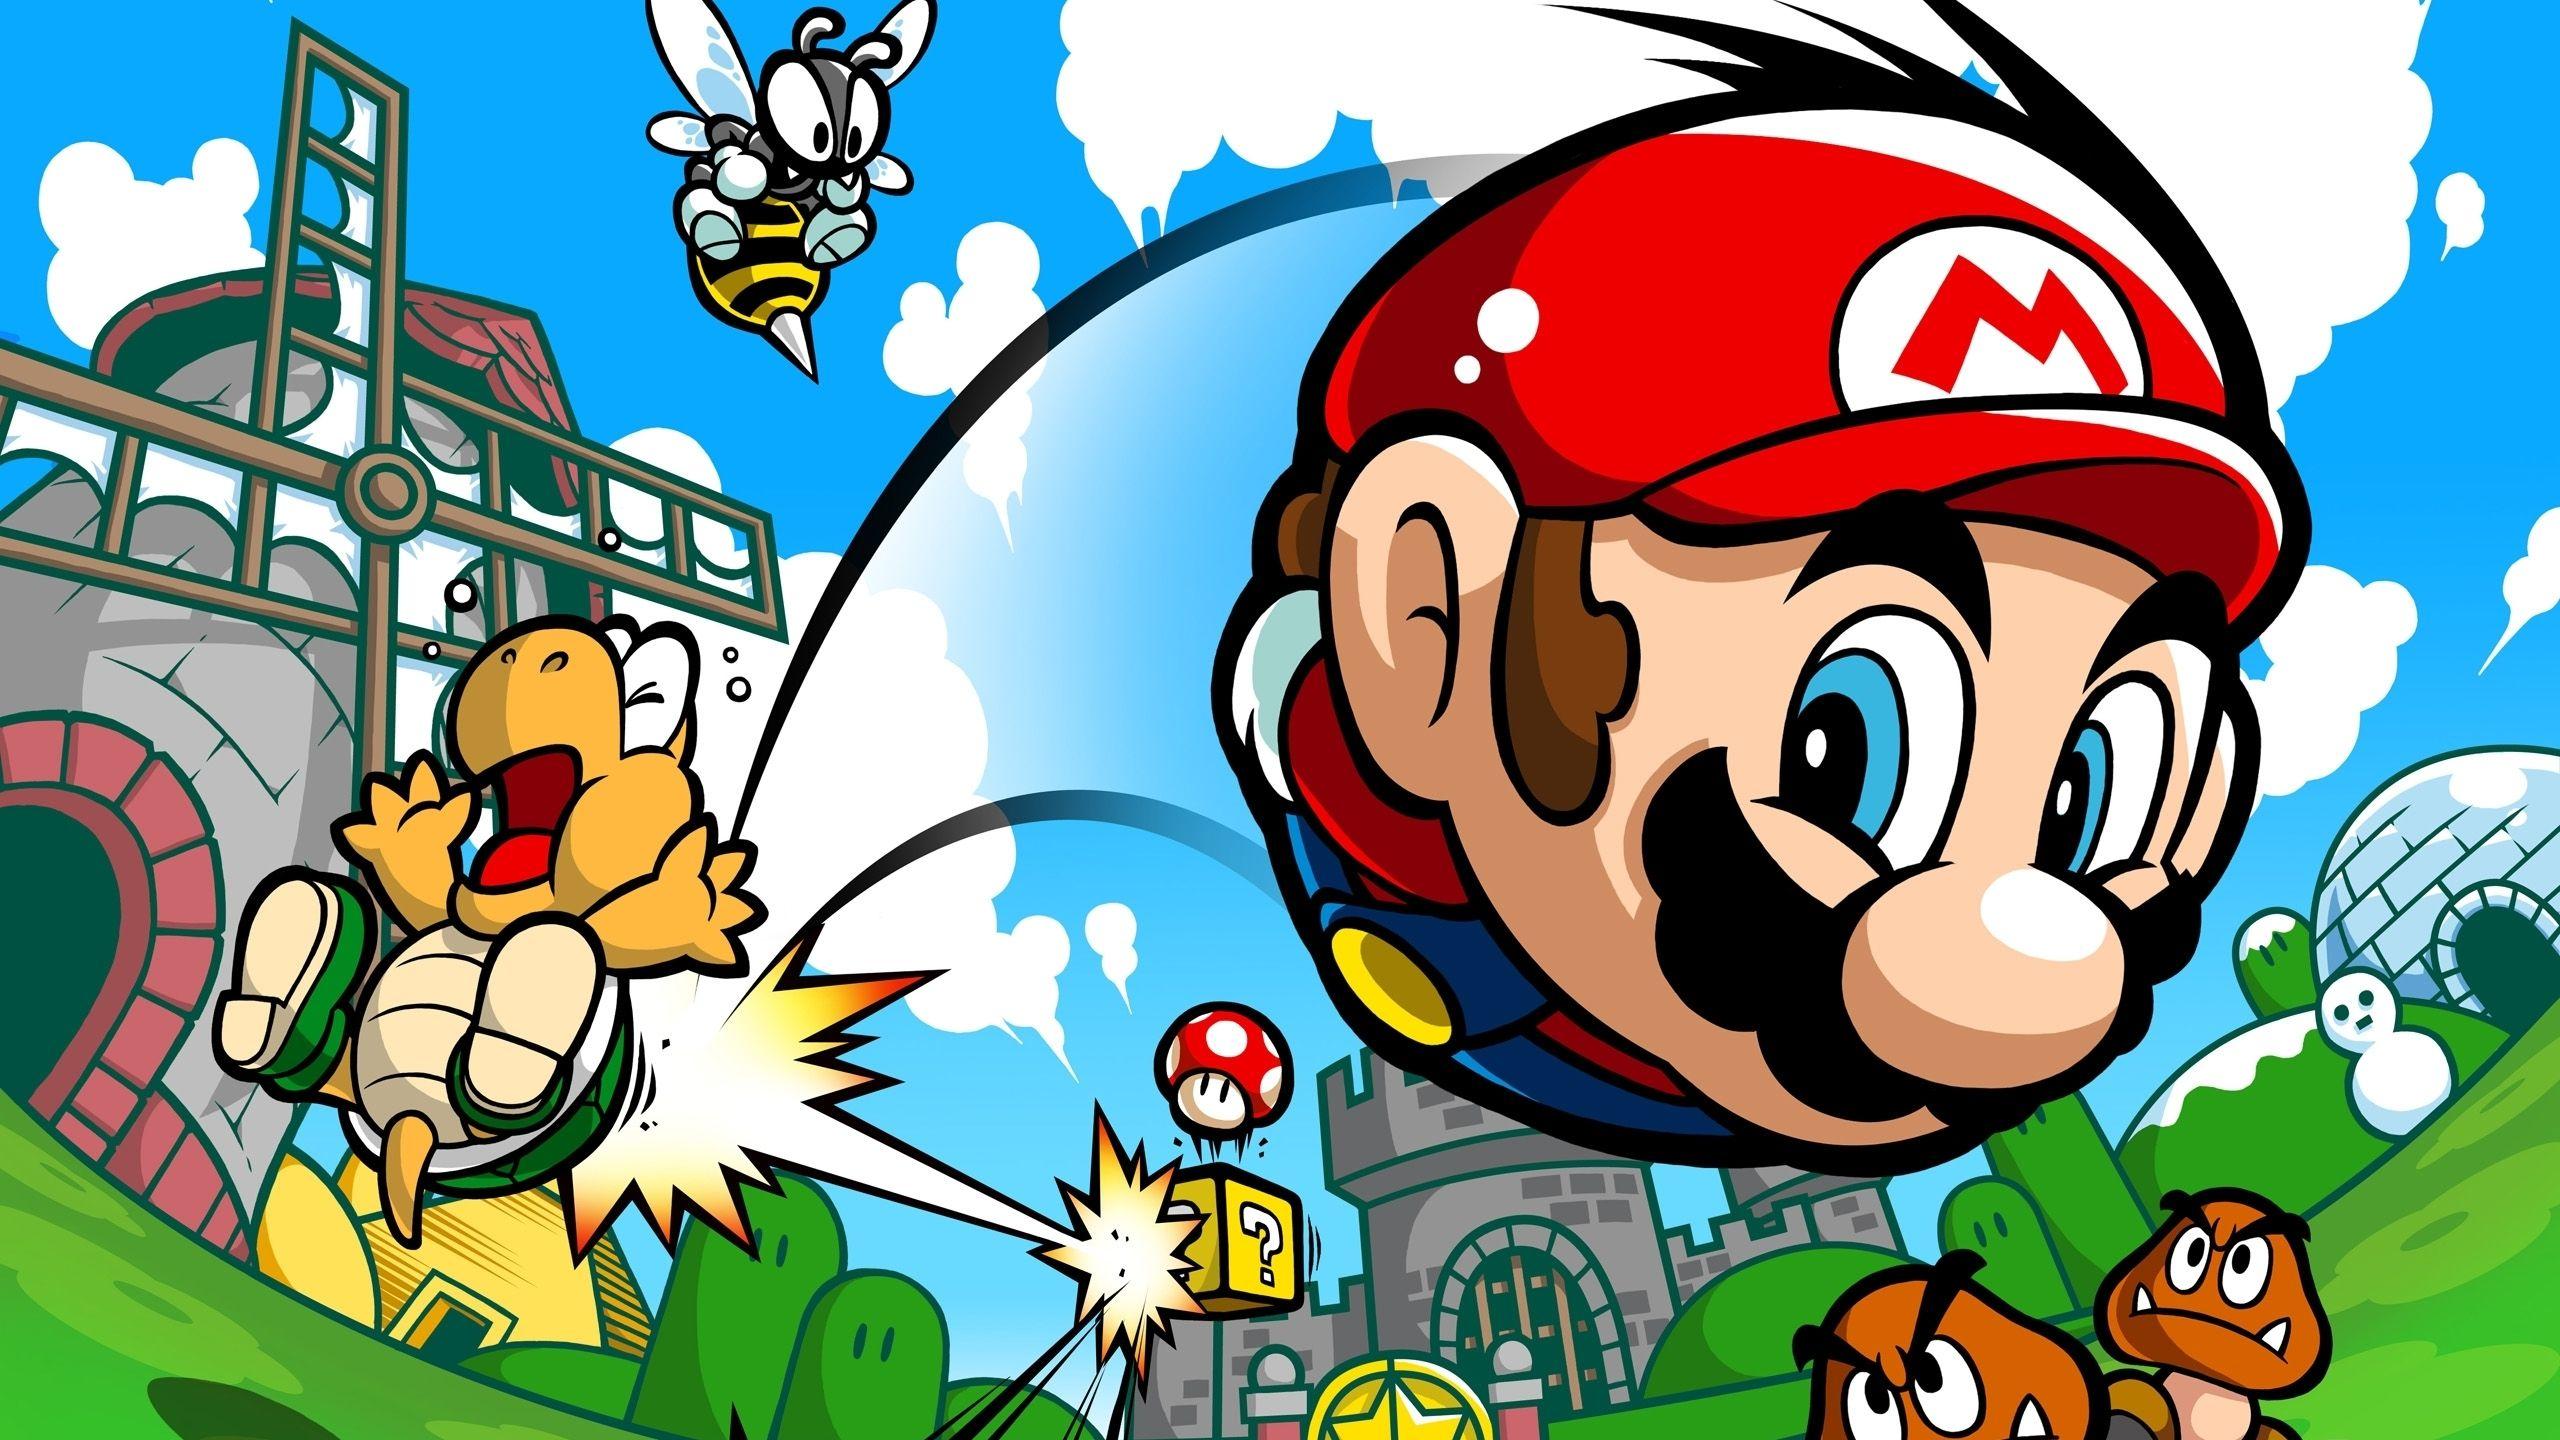 Super Mario 2560x1440 Character Wallpaper Super Mario Hd Wallpaper